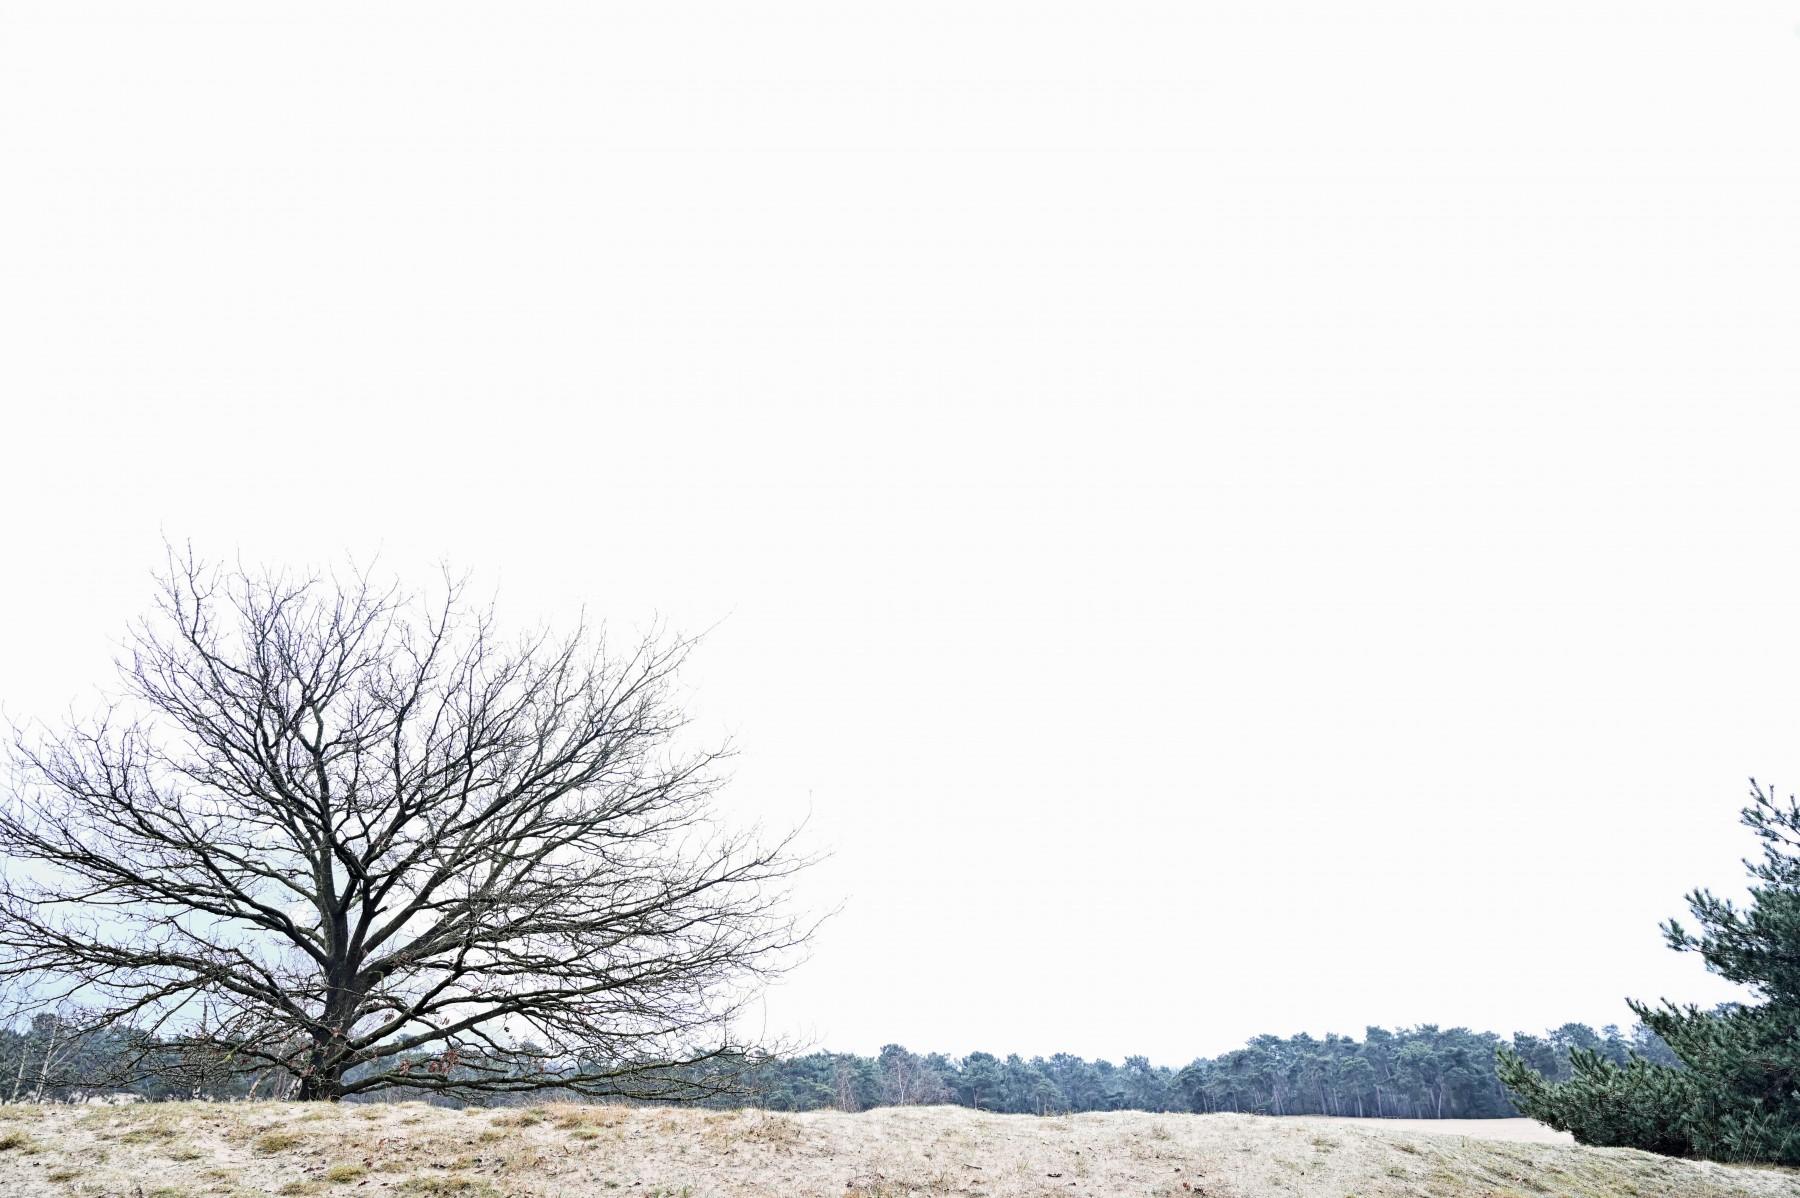 Bianca Dekkers-van Uden, Loonse en Drunense Duinen